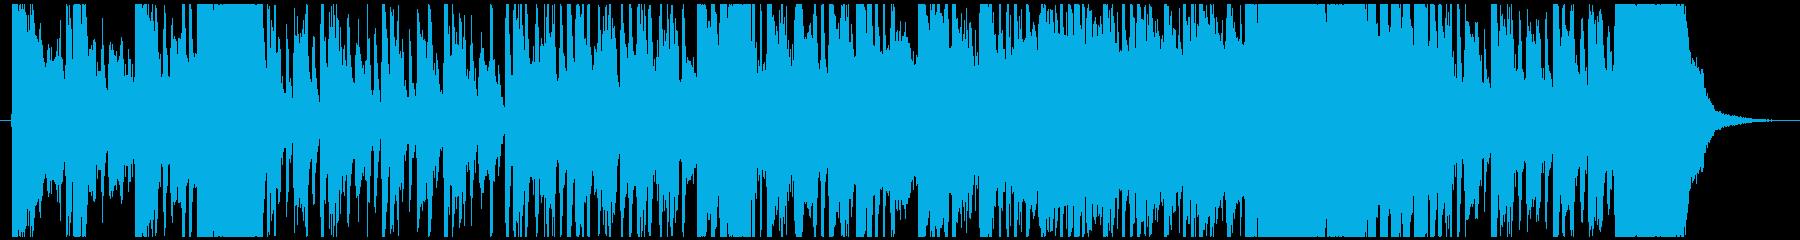 コミカルでかっこいいミッション音楽の再生済みの波形